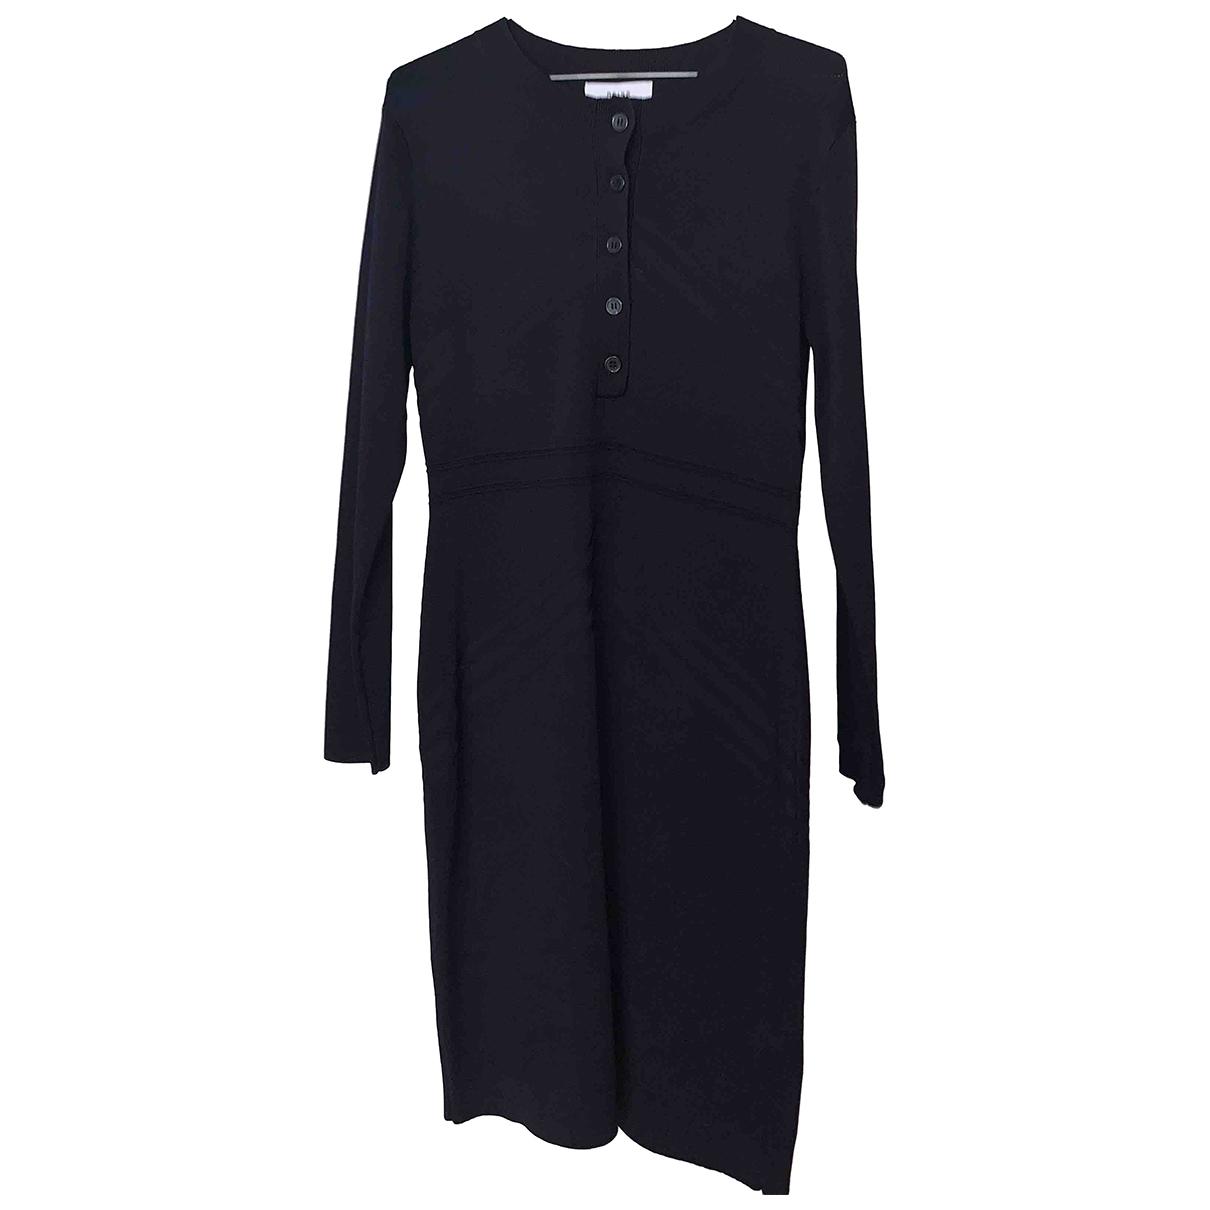 Reiss \N Navy dress for Women L International